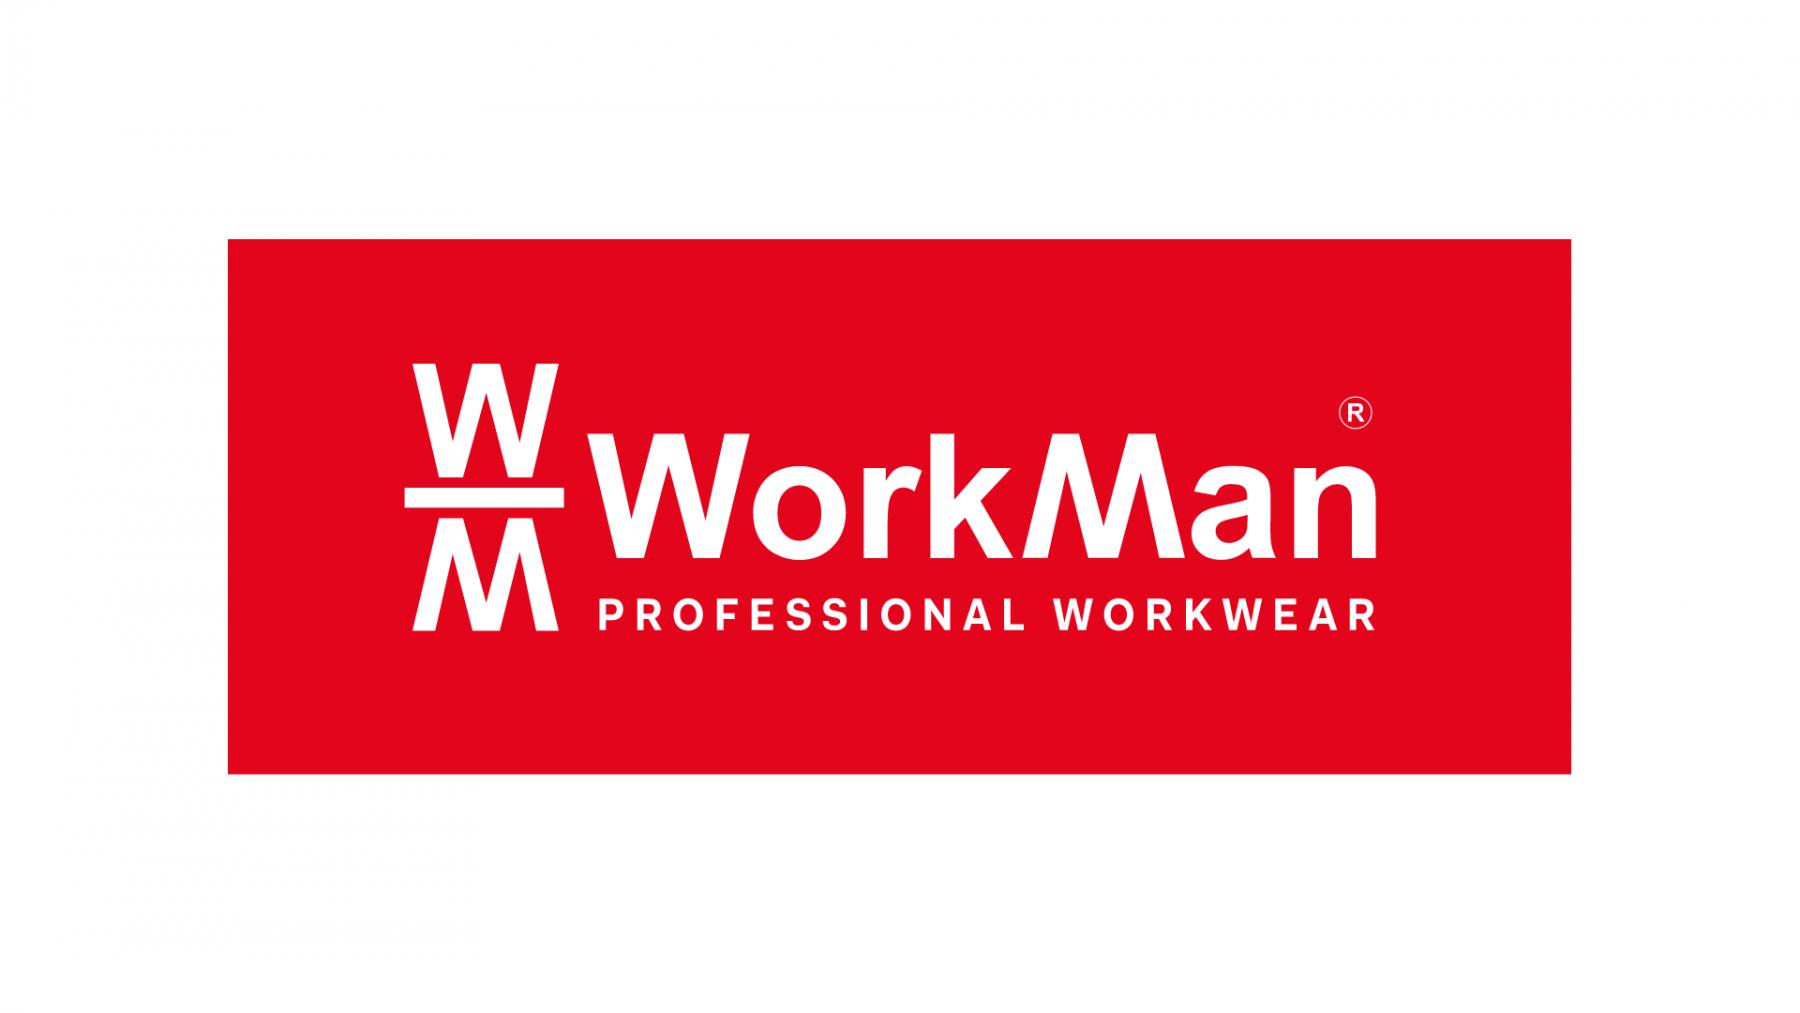 Workman logo